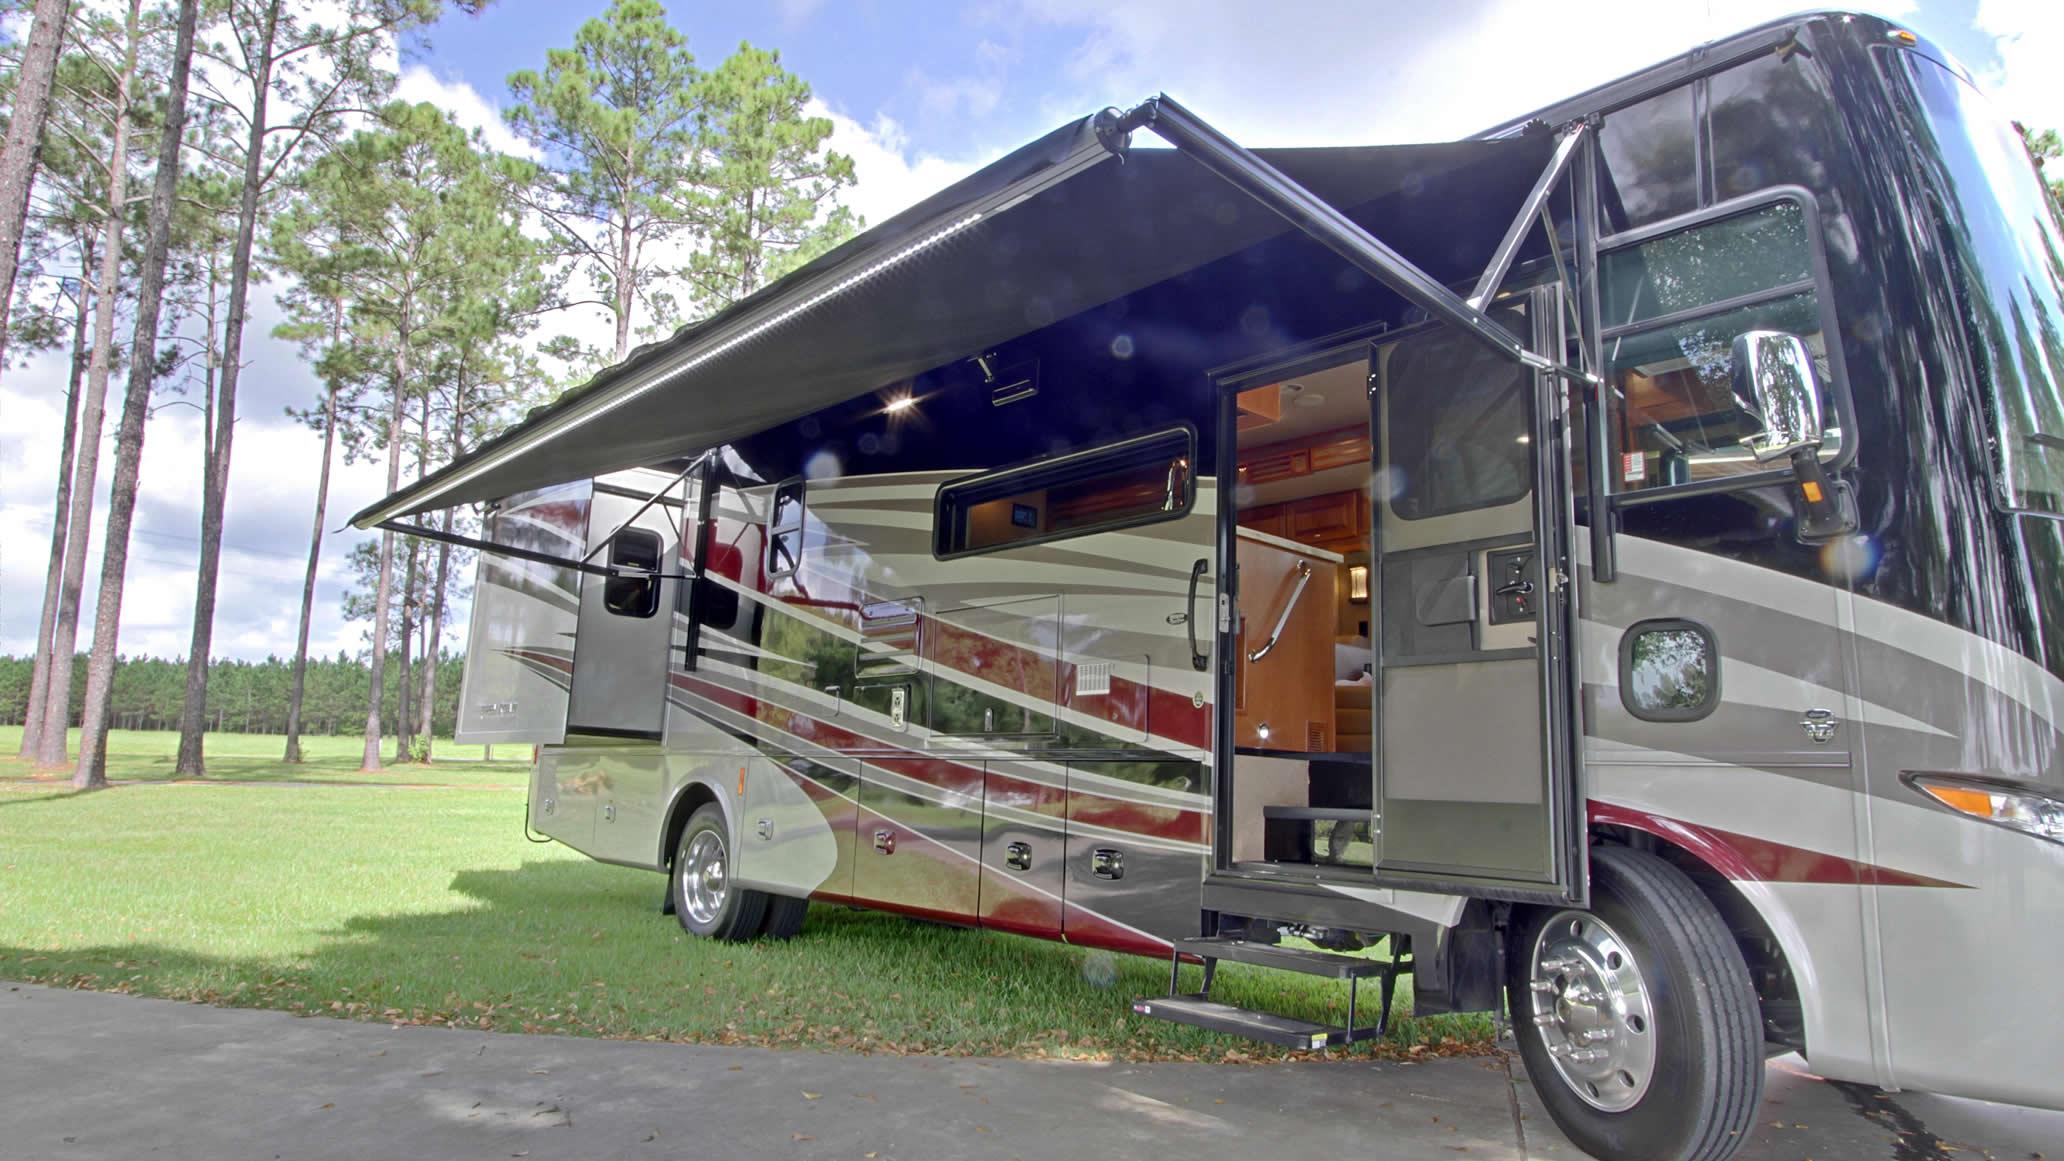 Louisiana RV Rental - DeRidder Leesville Fort Polk Shreveport Alexandria Lake Charles